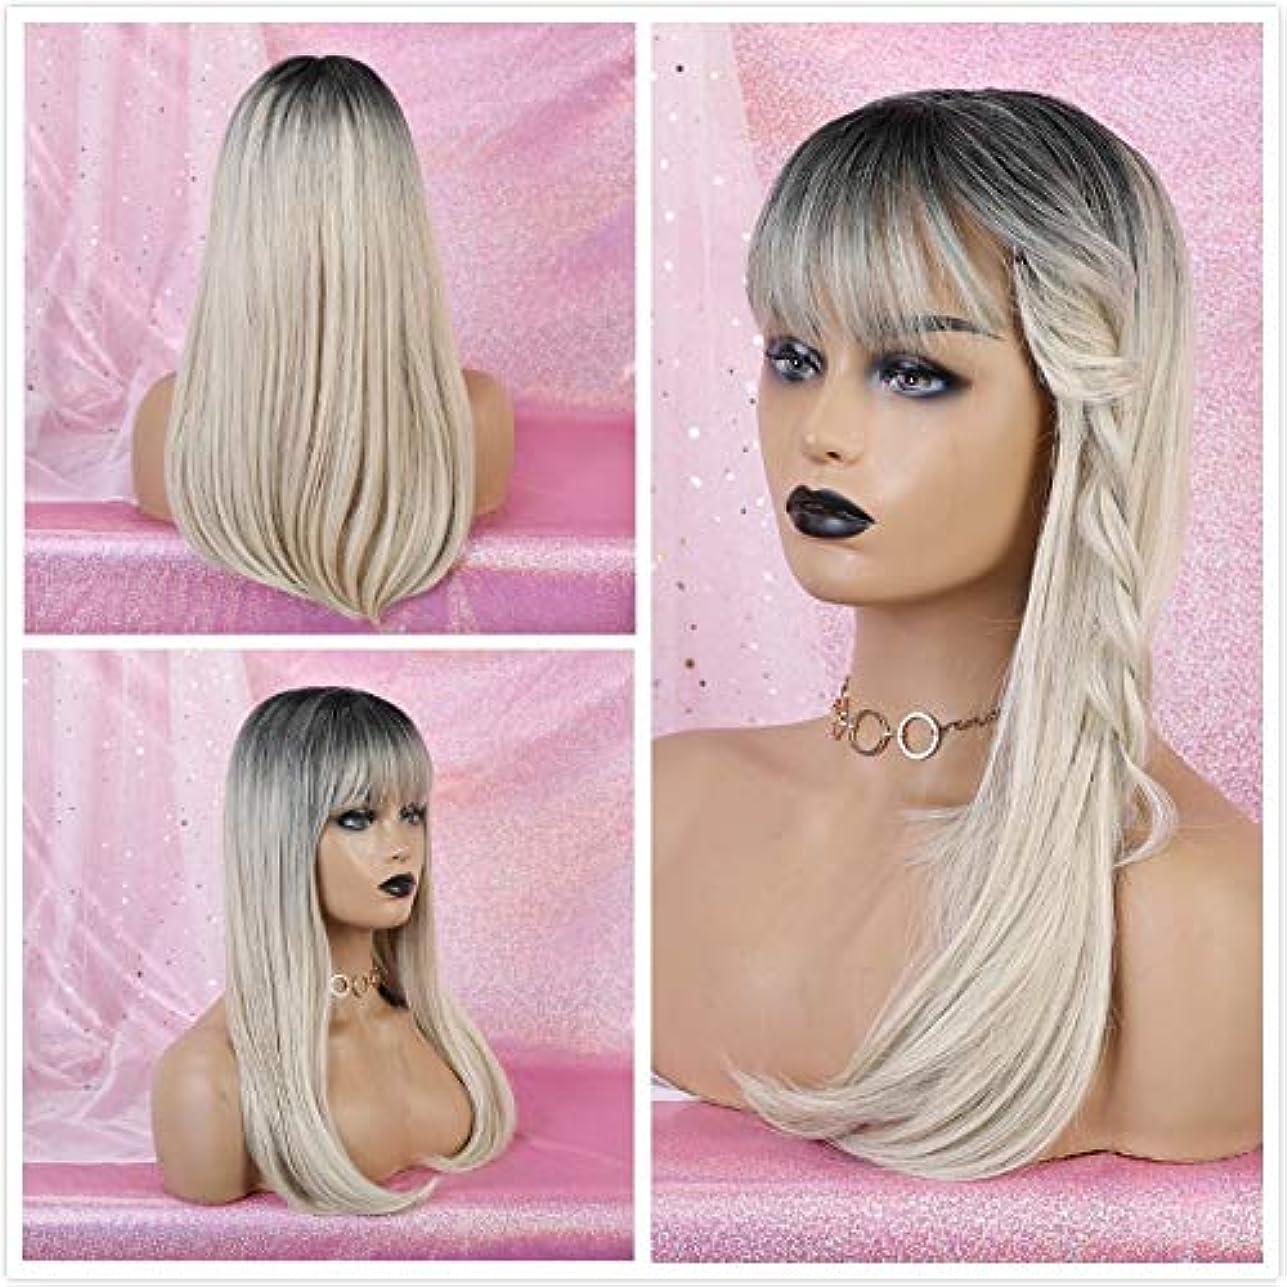 爆弾明らかにギネス女性の好きなウィッグ 黒人女性アフロストレートナチュラルパーティー偽毛かつら用前髪コスプレの合成とALAN EATONロングオンブルブラウンブロンドウィッグ (Color : Lc167 4)